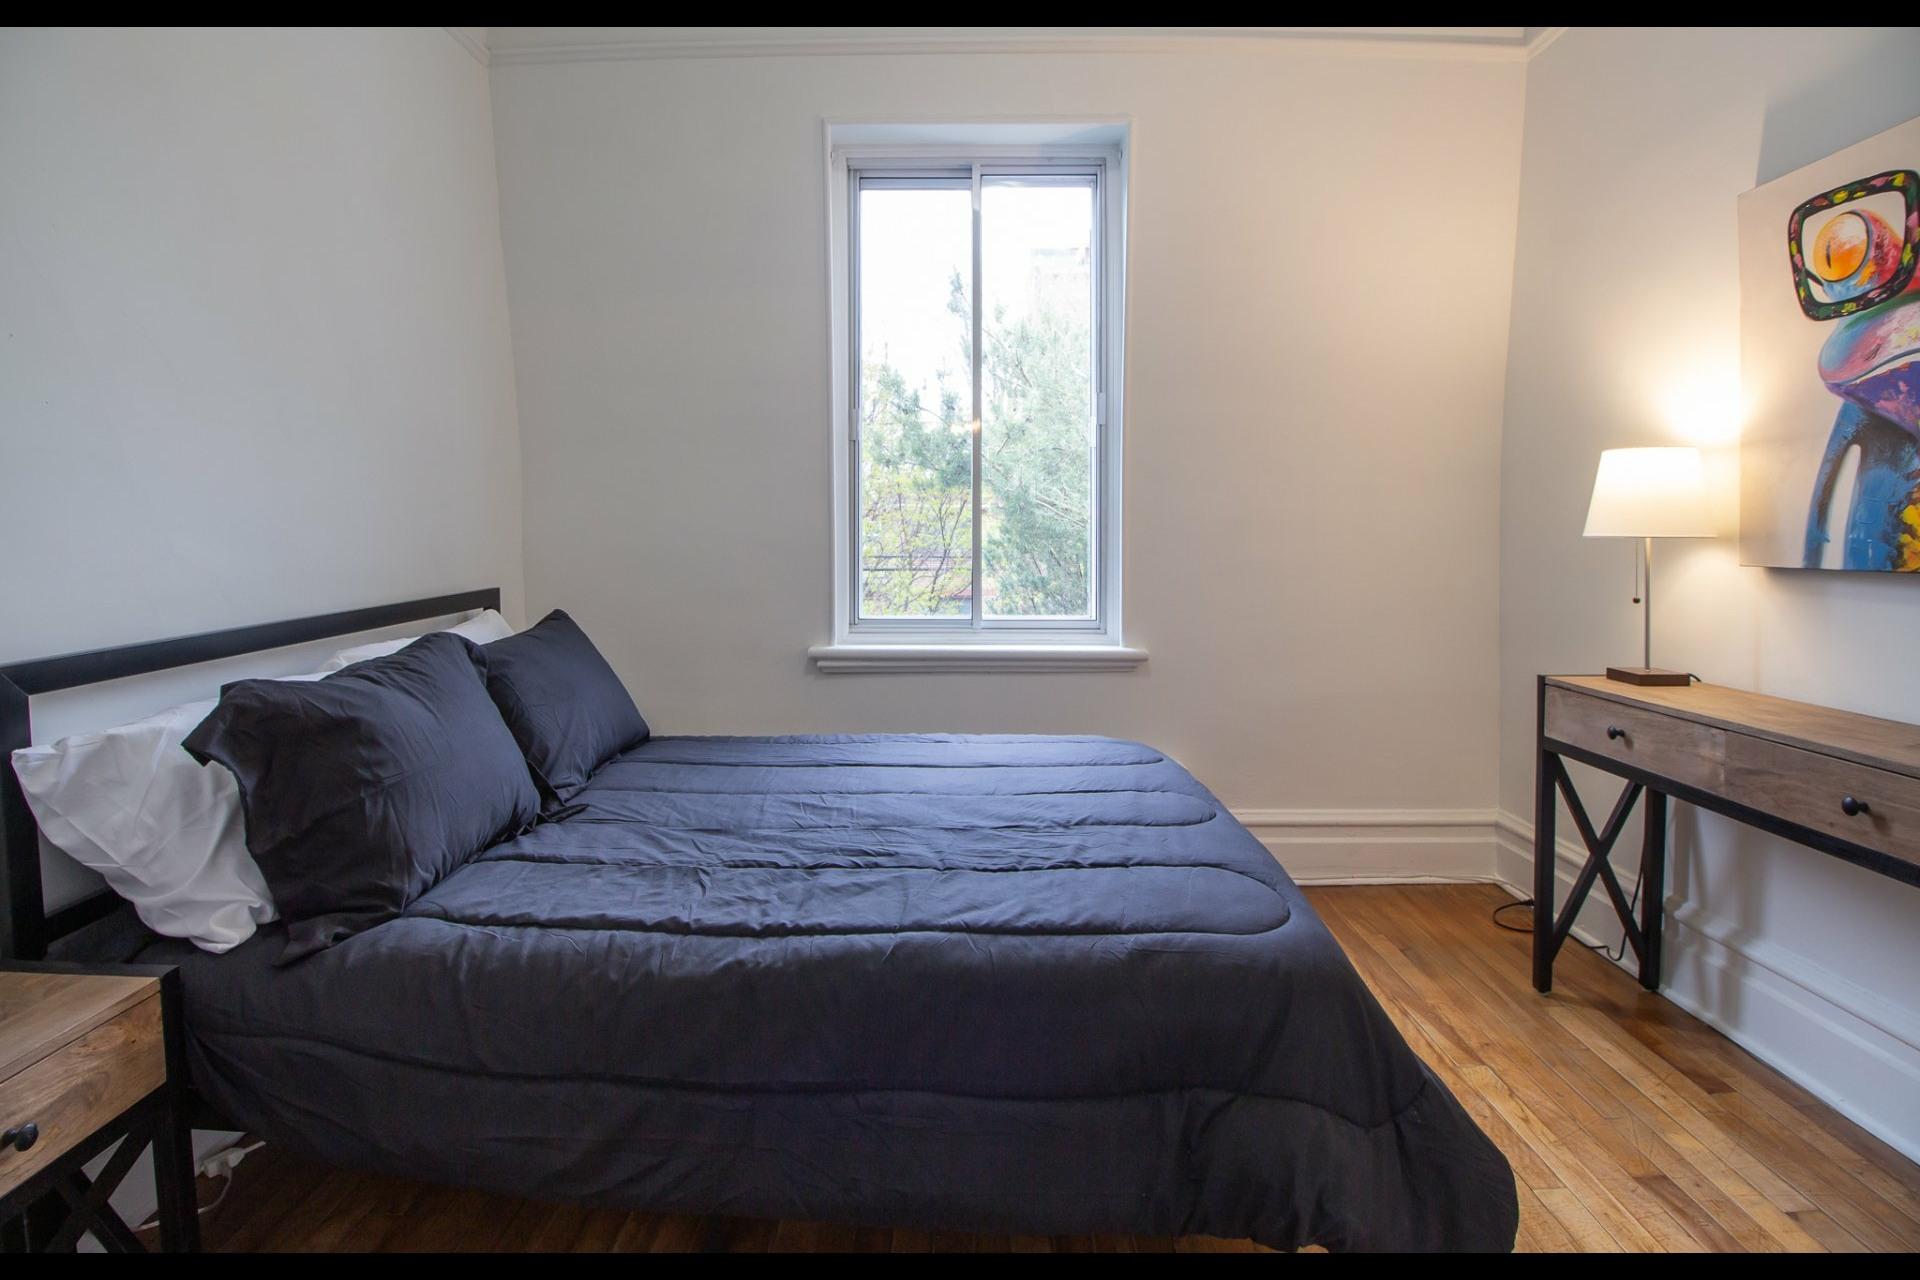 image 17 - House For rent Côte-des-Neiges/Notre-Dame-de-Grâce Montréal  - 8 rooms